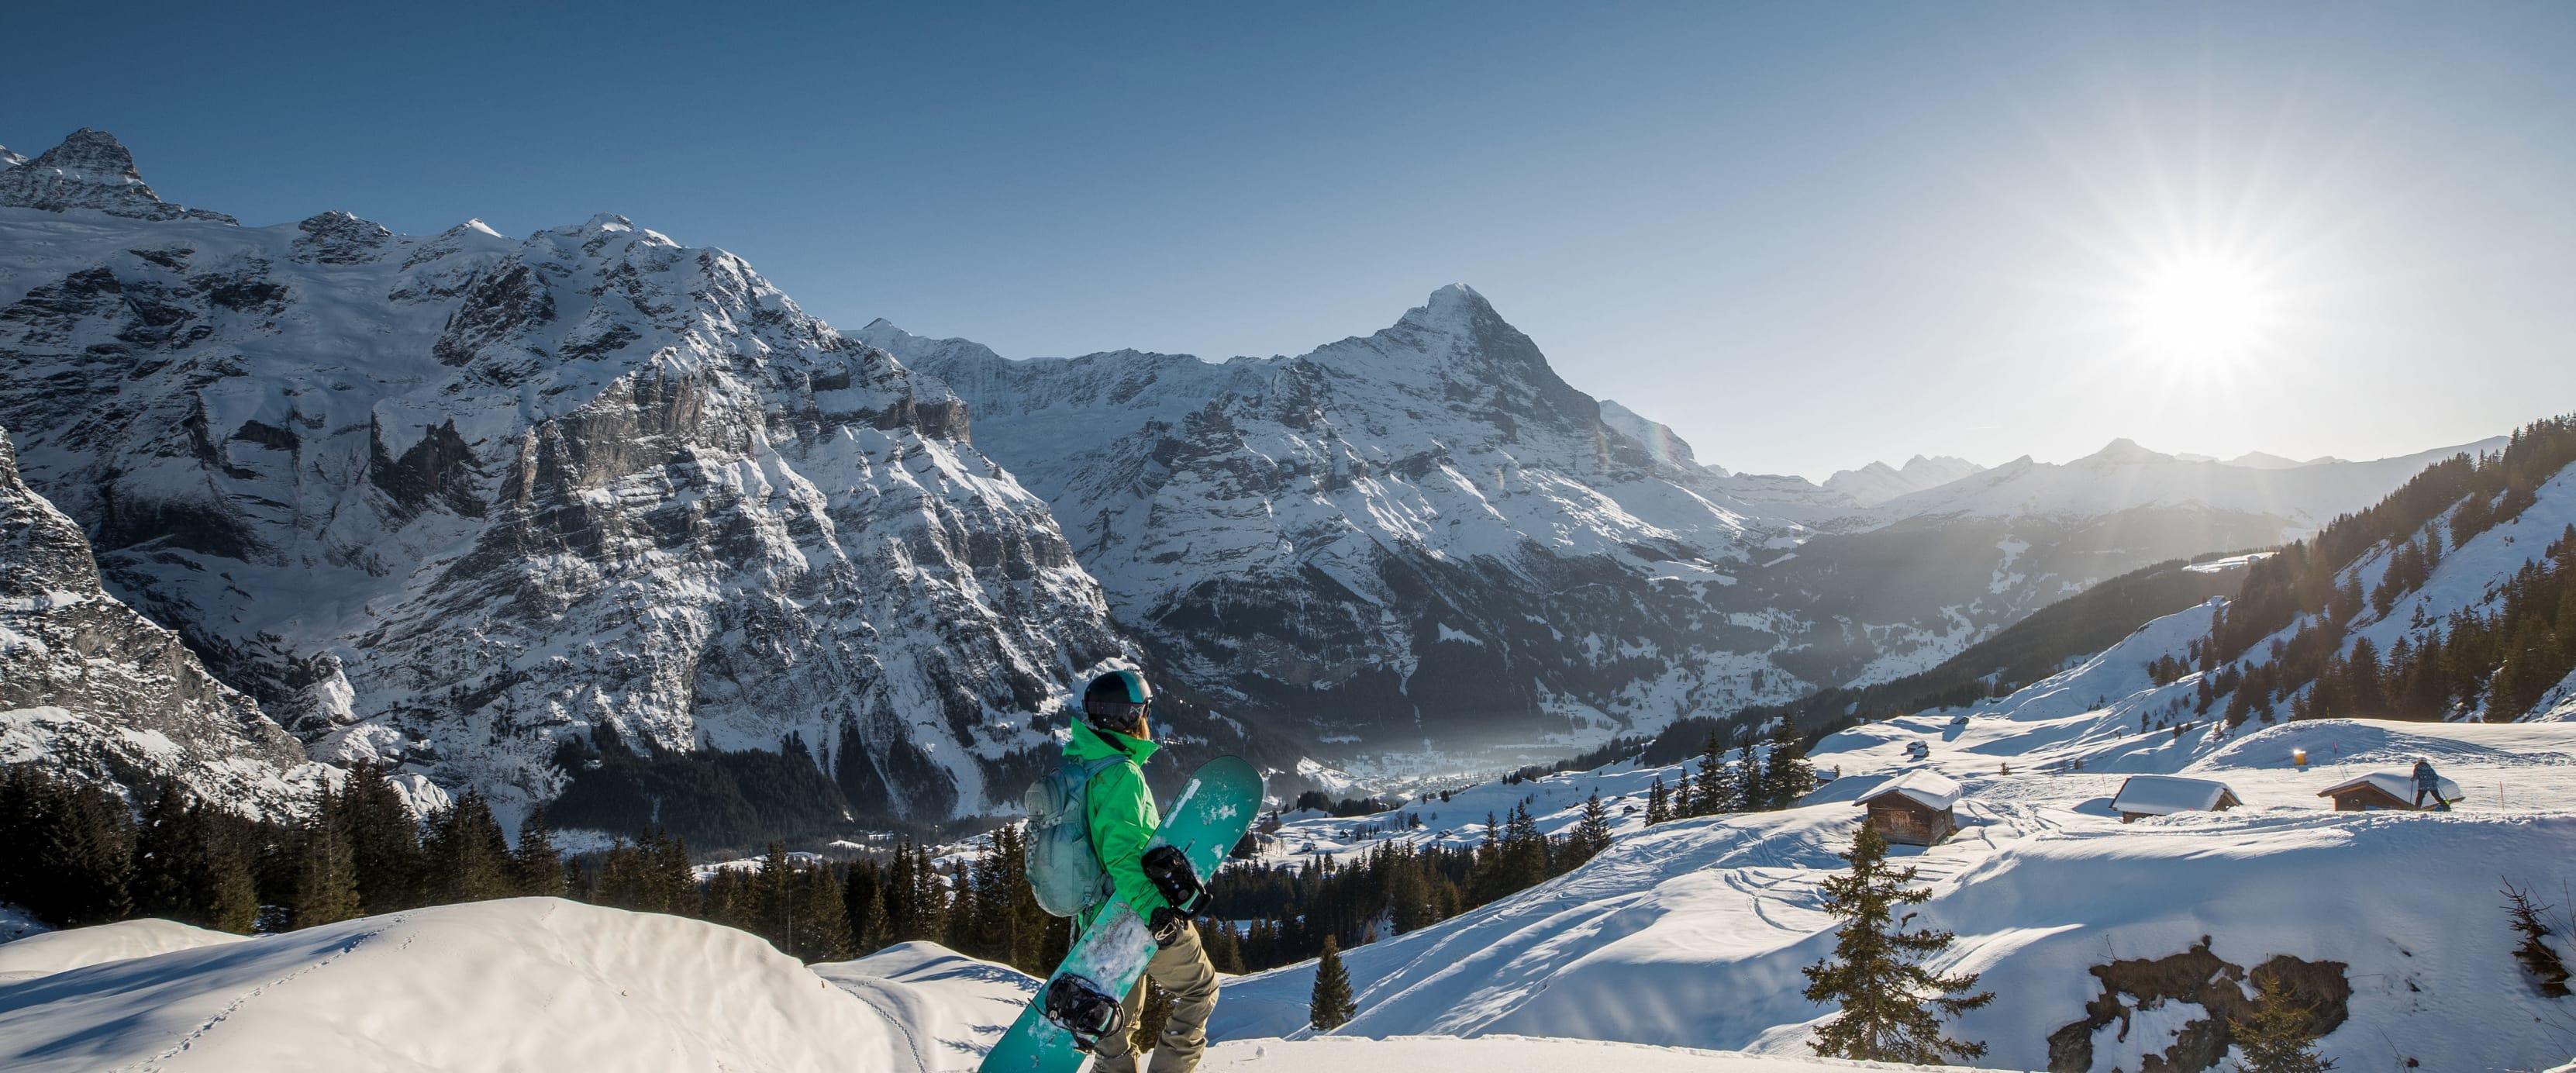 Jungfrau Skiregion Grindelwald Wengen Snowboard Eiger